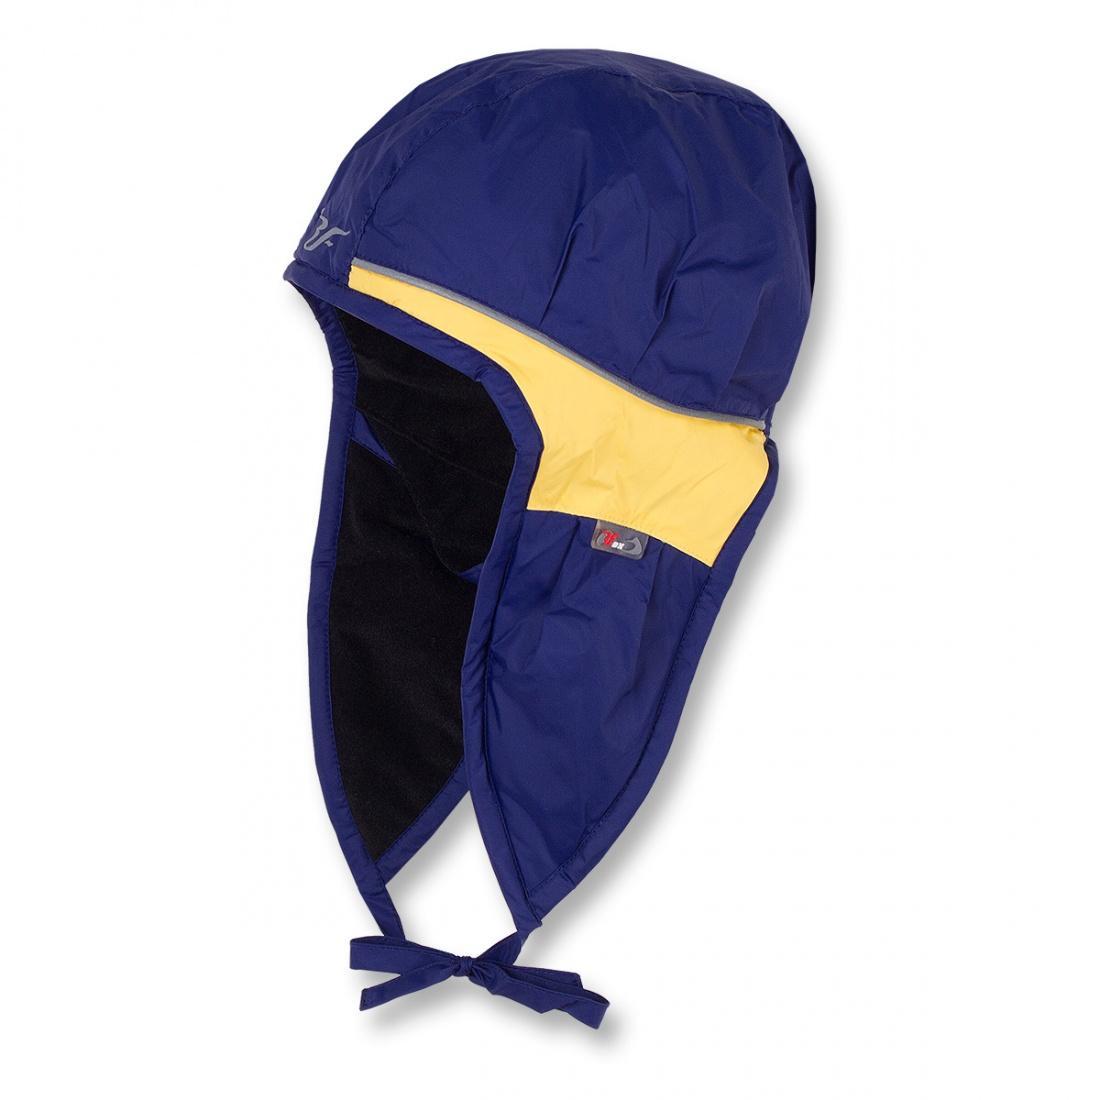 Шапка детская TressУшанки<br><br> Яркая контрастная шапочка прекрасно выделяет ребенка из толпы.<br><br> <br><br><br><br> Основной материал – Dry Factor 1000.<br><br> <br><br><br> Утеплитель – Omniterm Classic.<br><br> <br><br><br> Для детей от 1 до...<br><br>Цвет: Синий<br>Размер: XXL